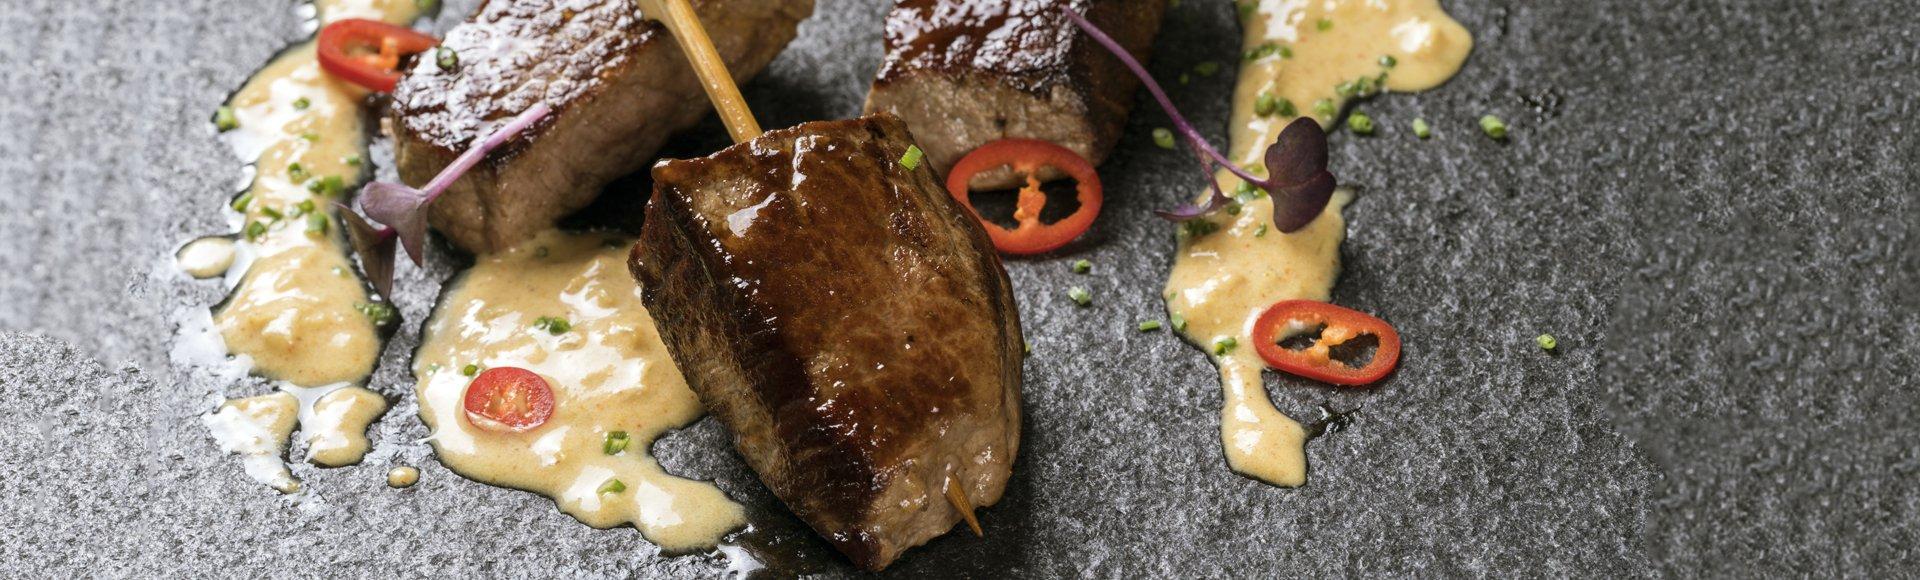 Μοσχάρι satay με σάλτσα φιστίκι